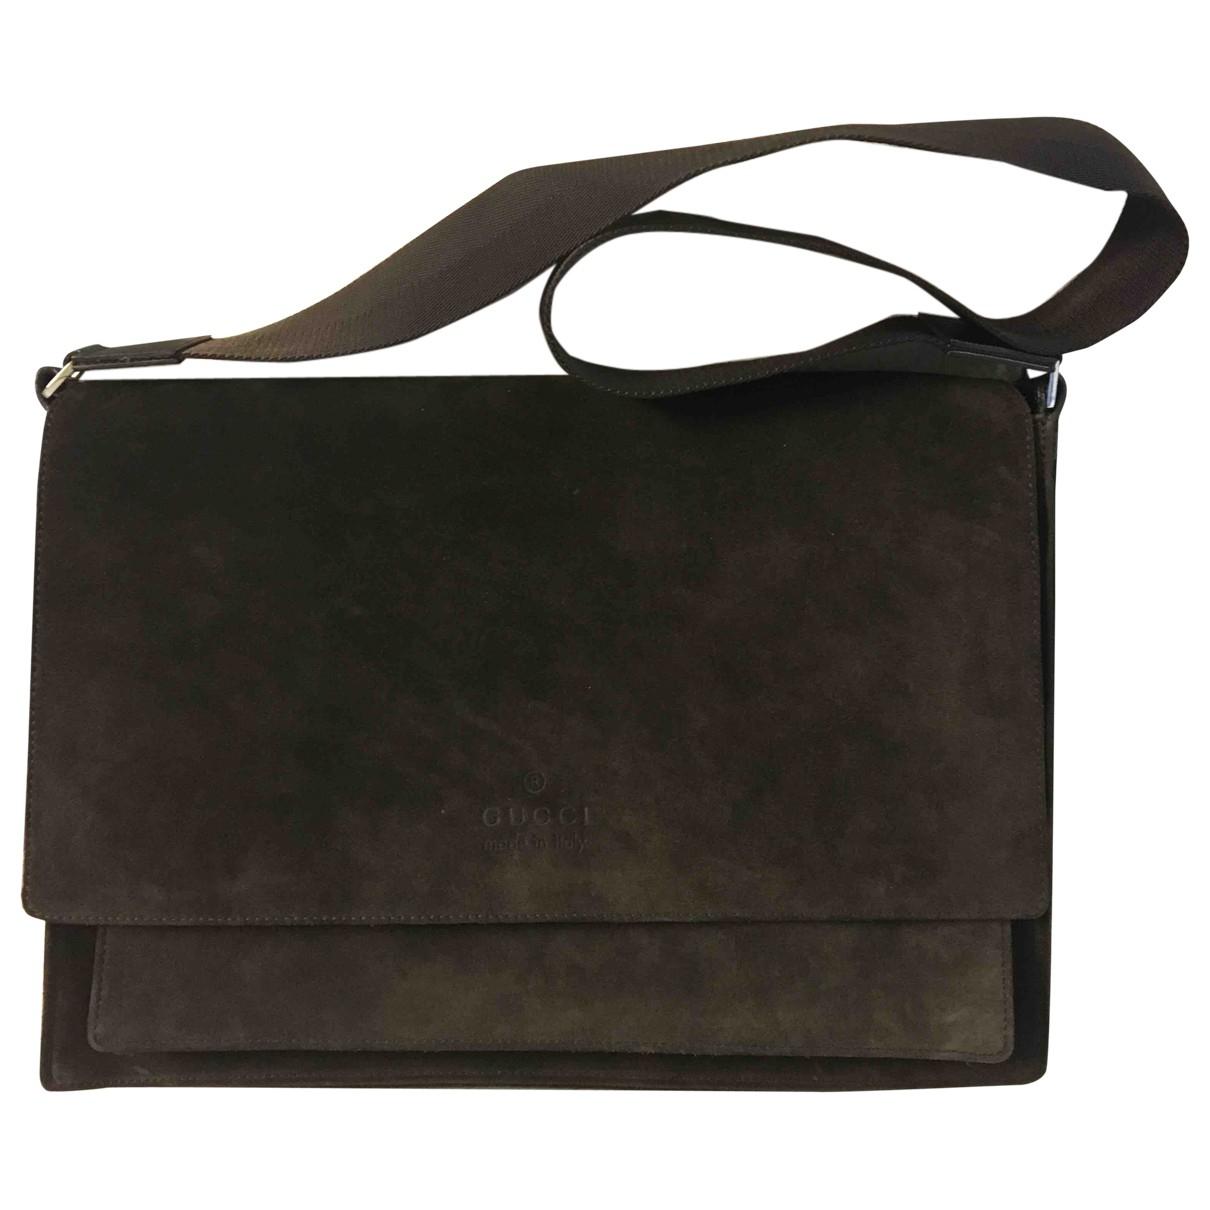 Gucci \N Handtasche in  Braun Veloursleder